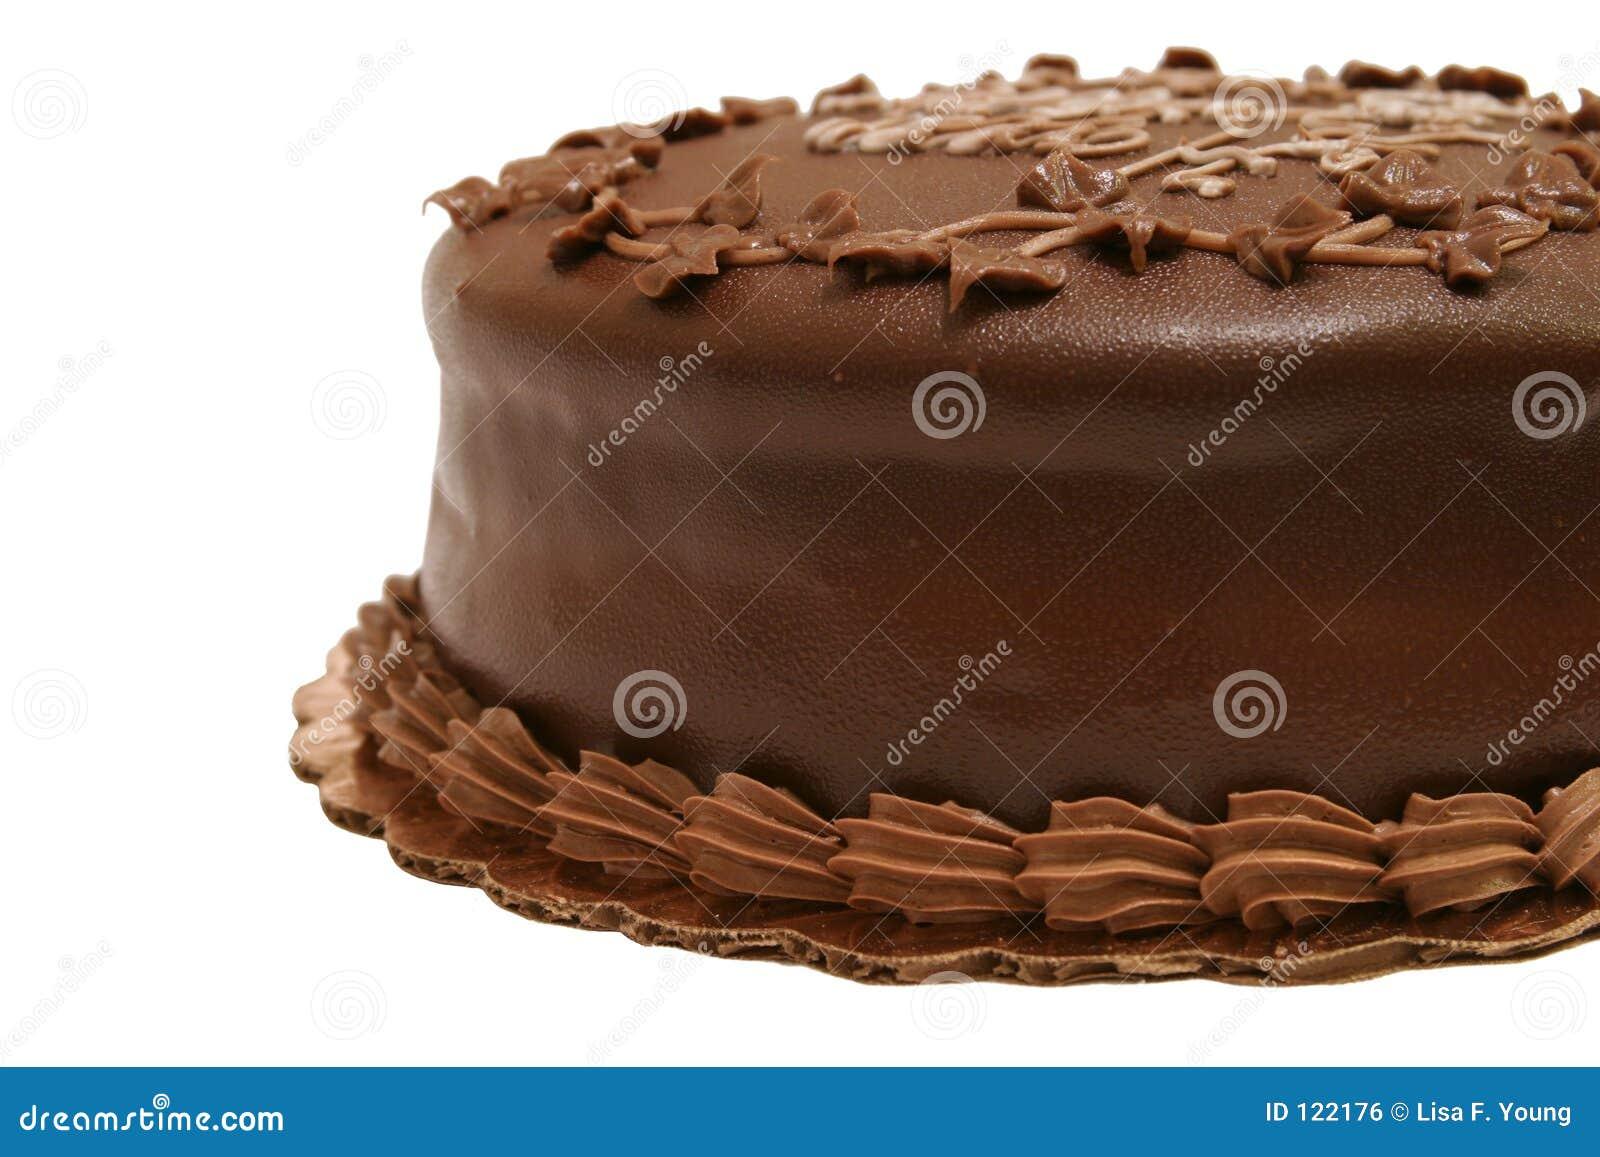 Schokoladen-Kuchen - teilweise 2